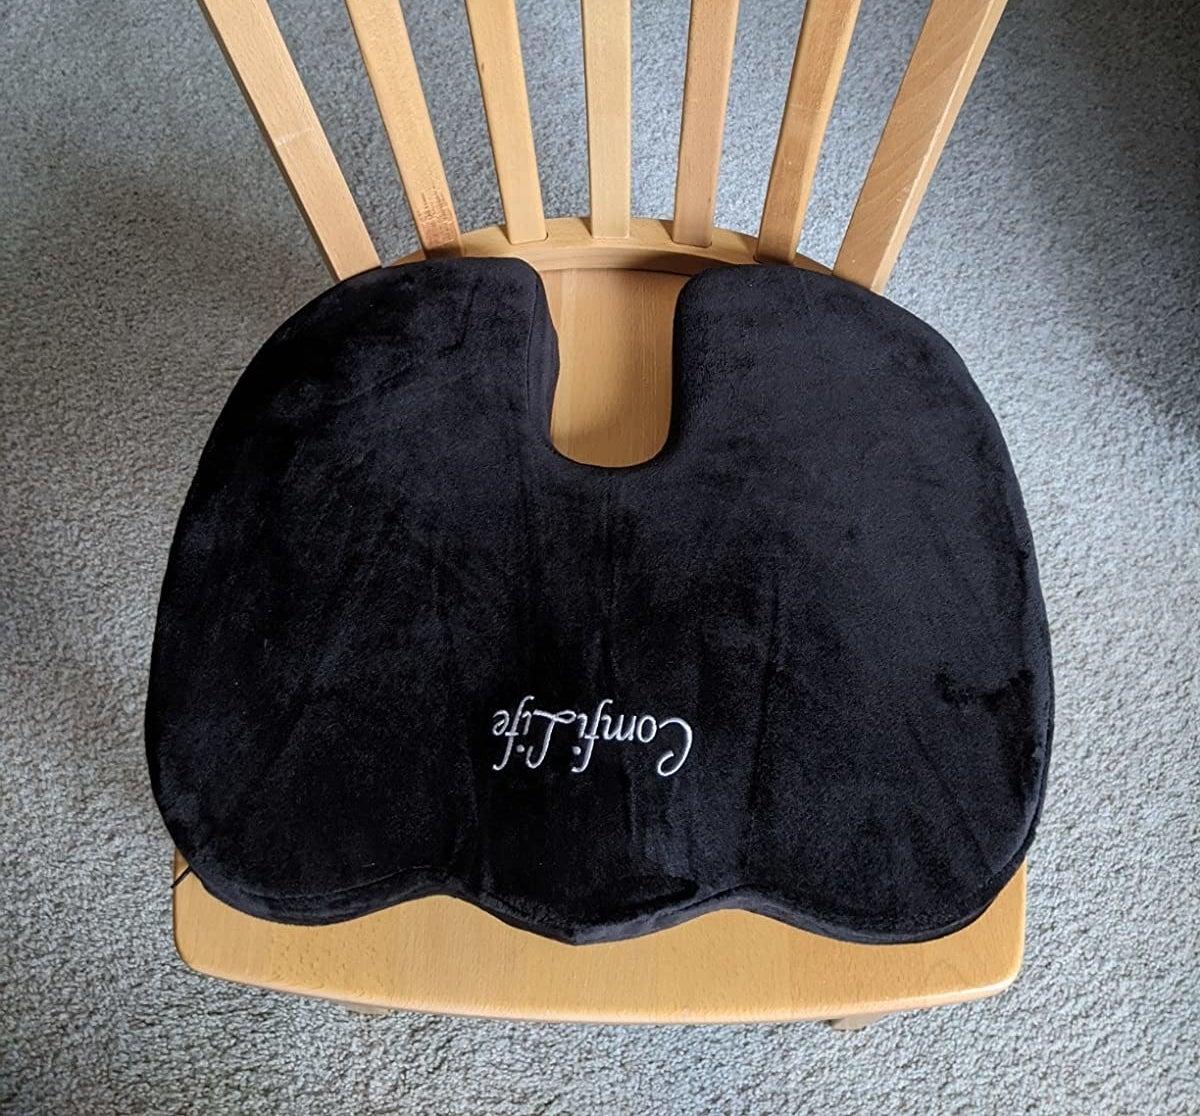 The U-shaped cushion in black